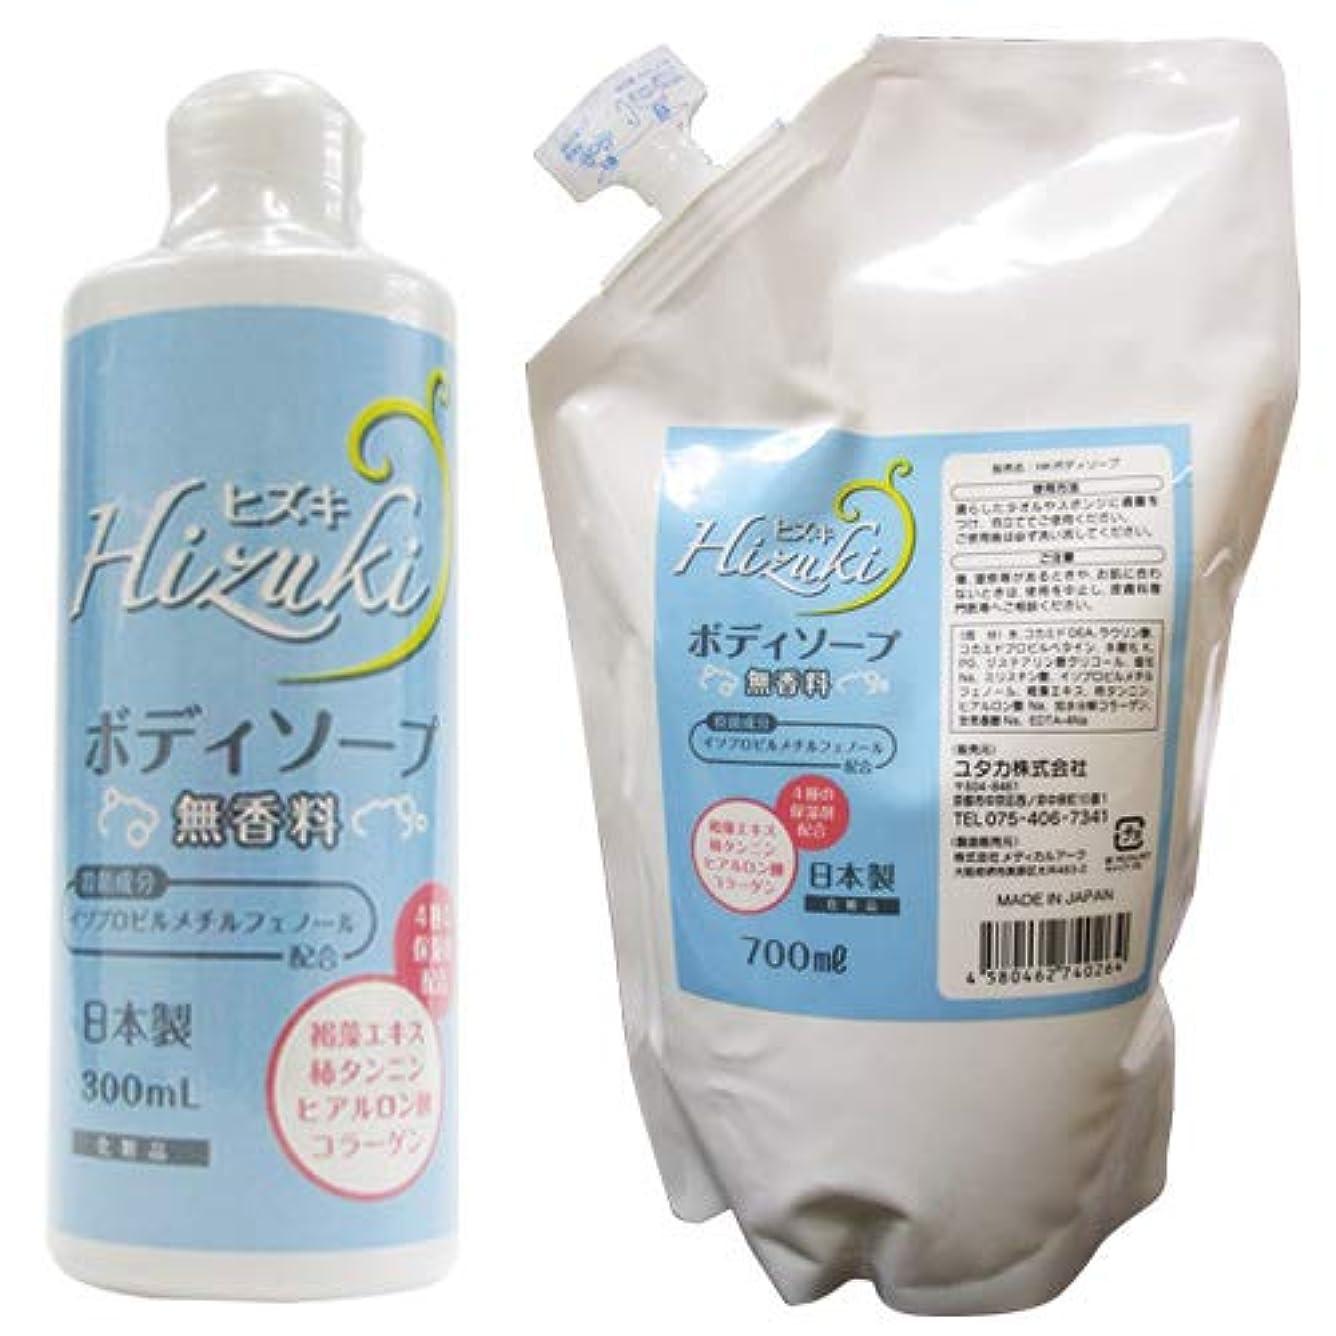 緑穿孔するアイスクリームHizuki(ヒズキ) ボディソープ 300mL + 詰め替え用700mL セット